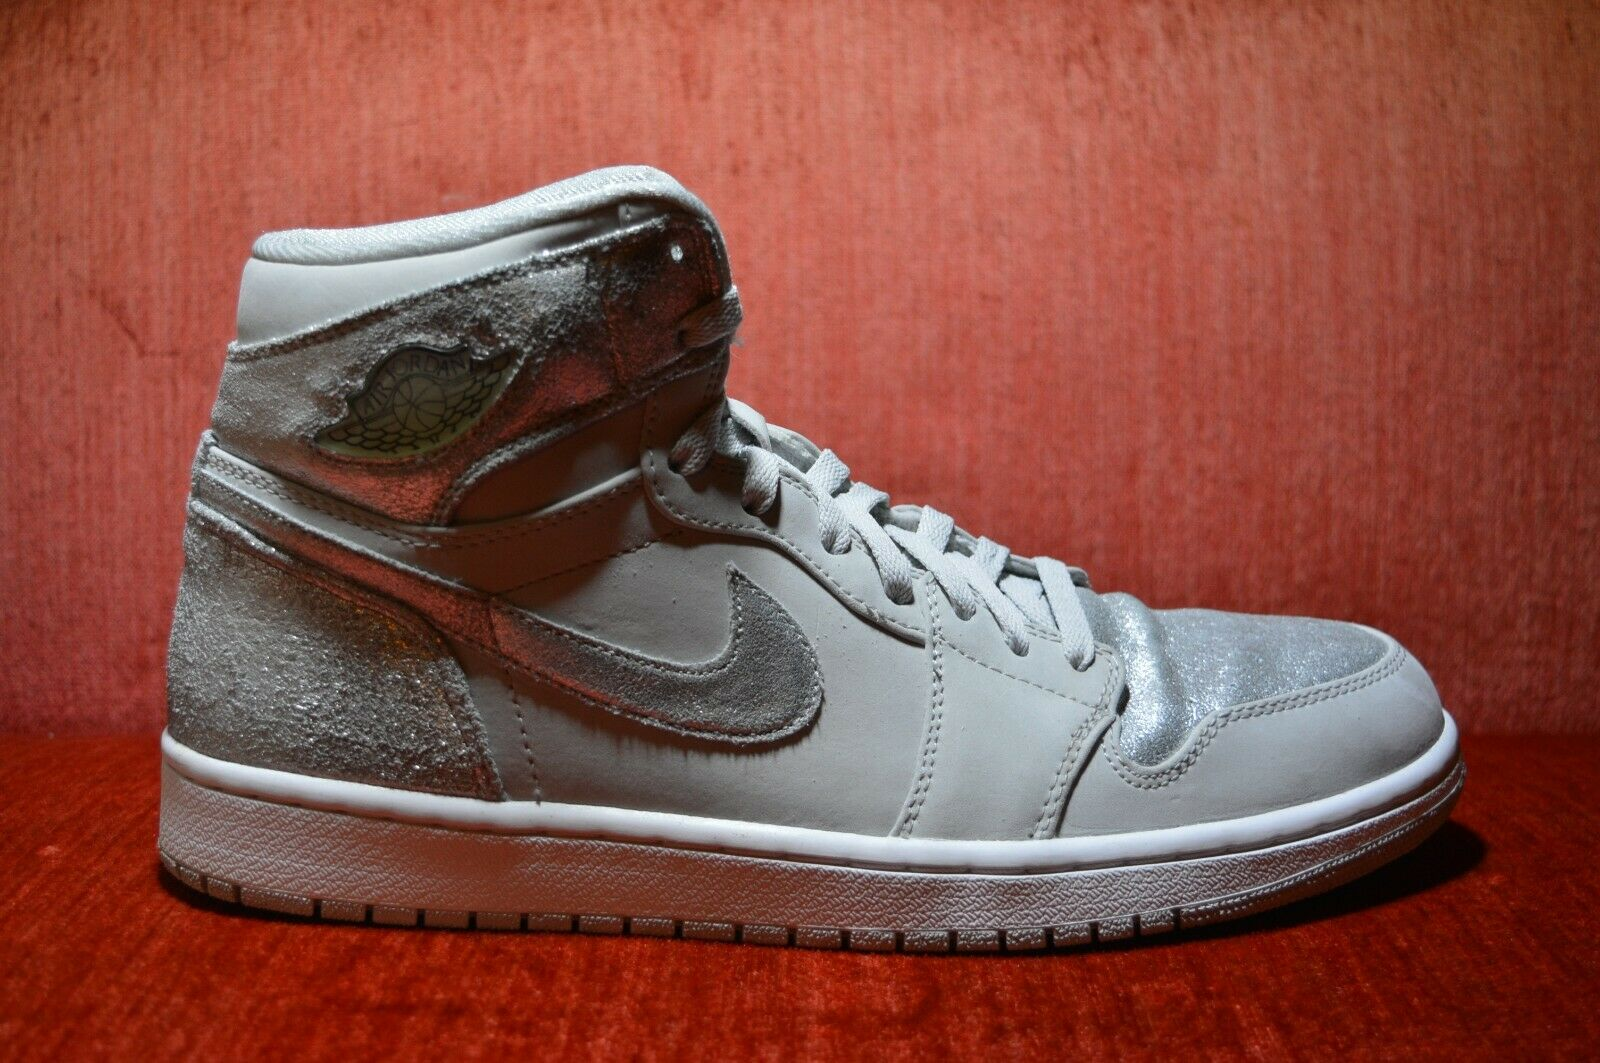 CLEAN Nike Air Jordan Retro 1 Hi Silver 25th Anniversary 396009 001 Size 12